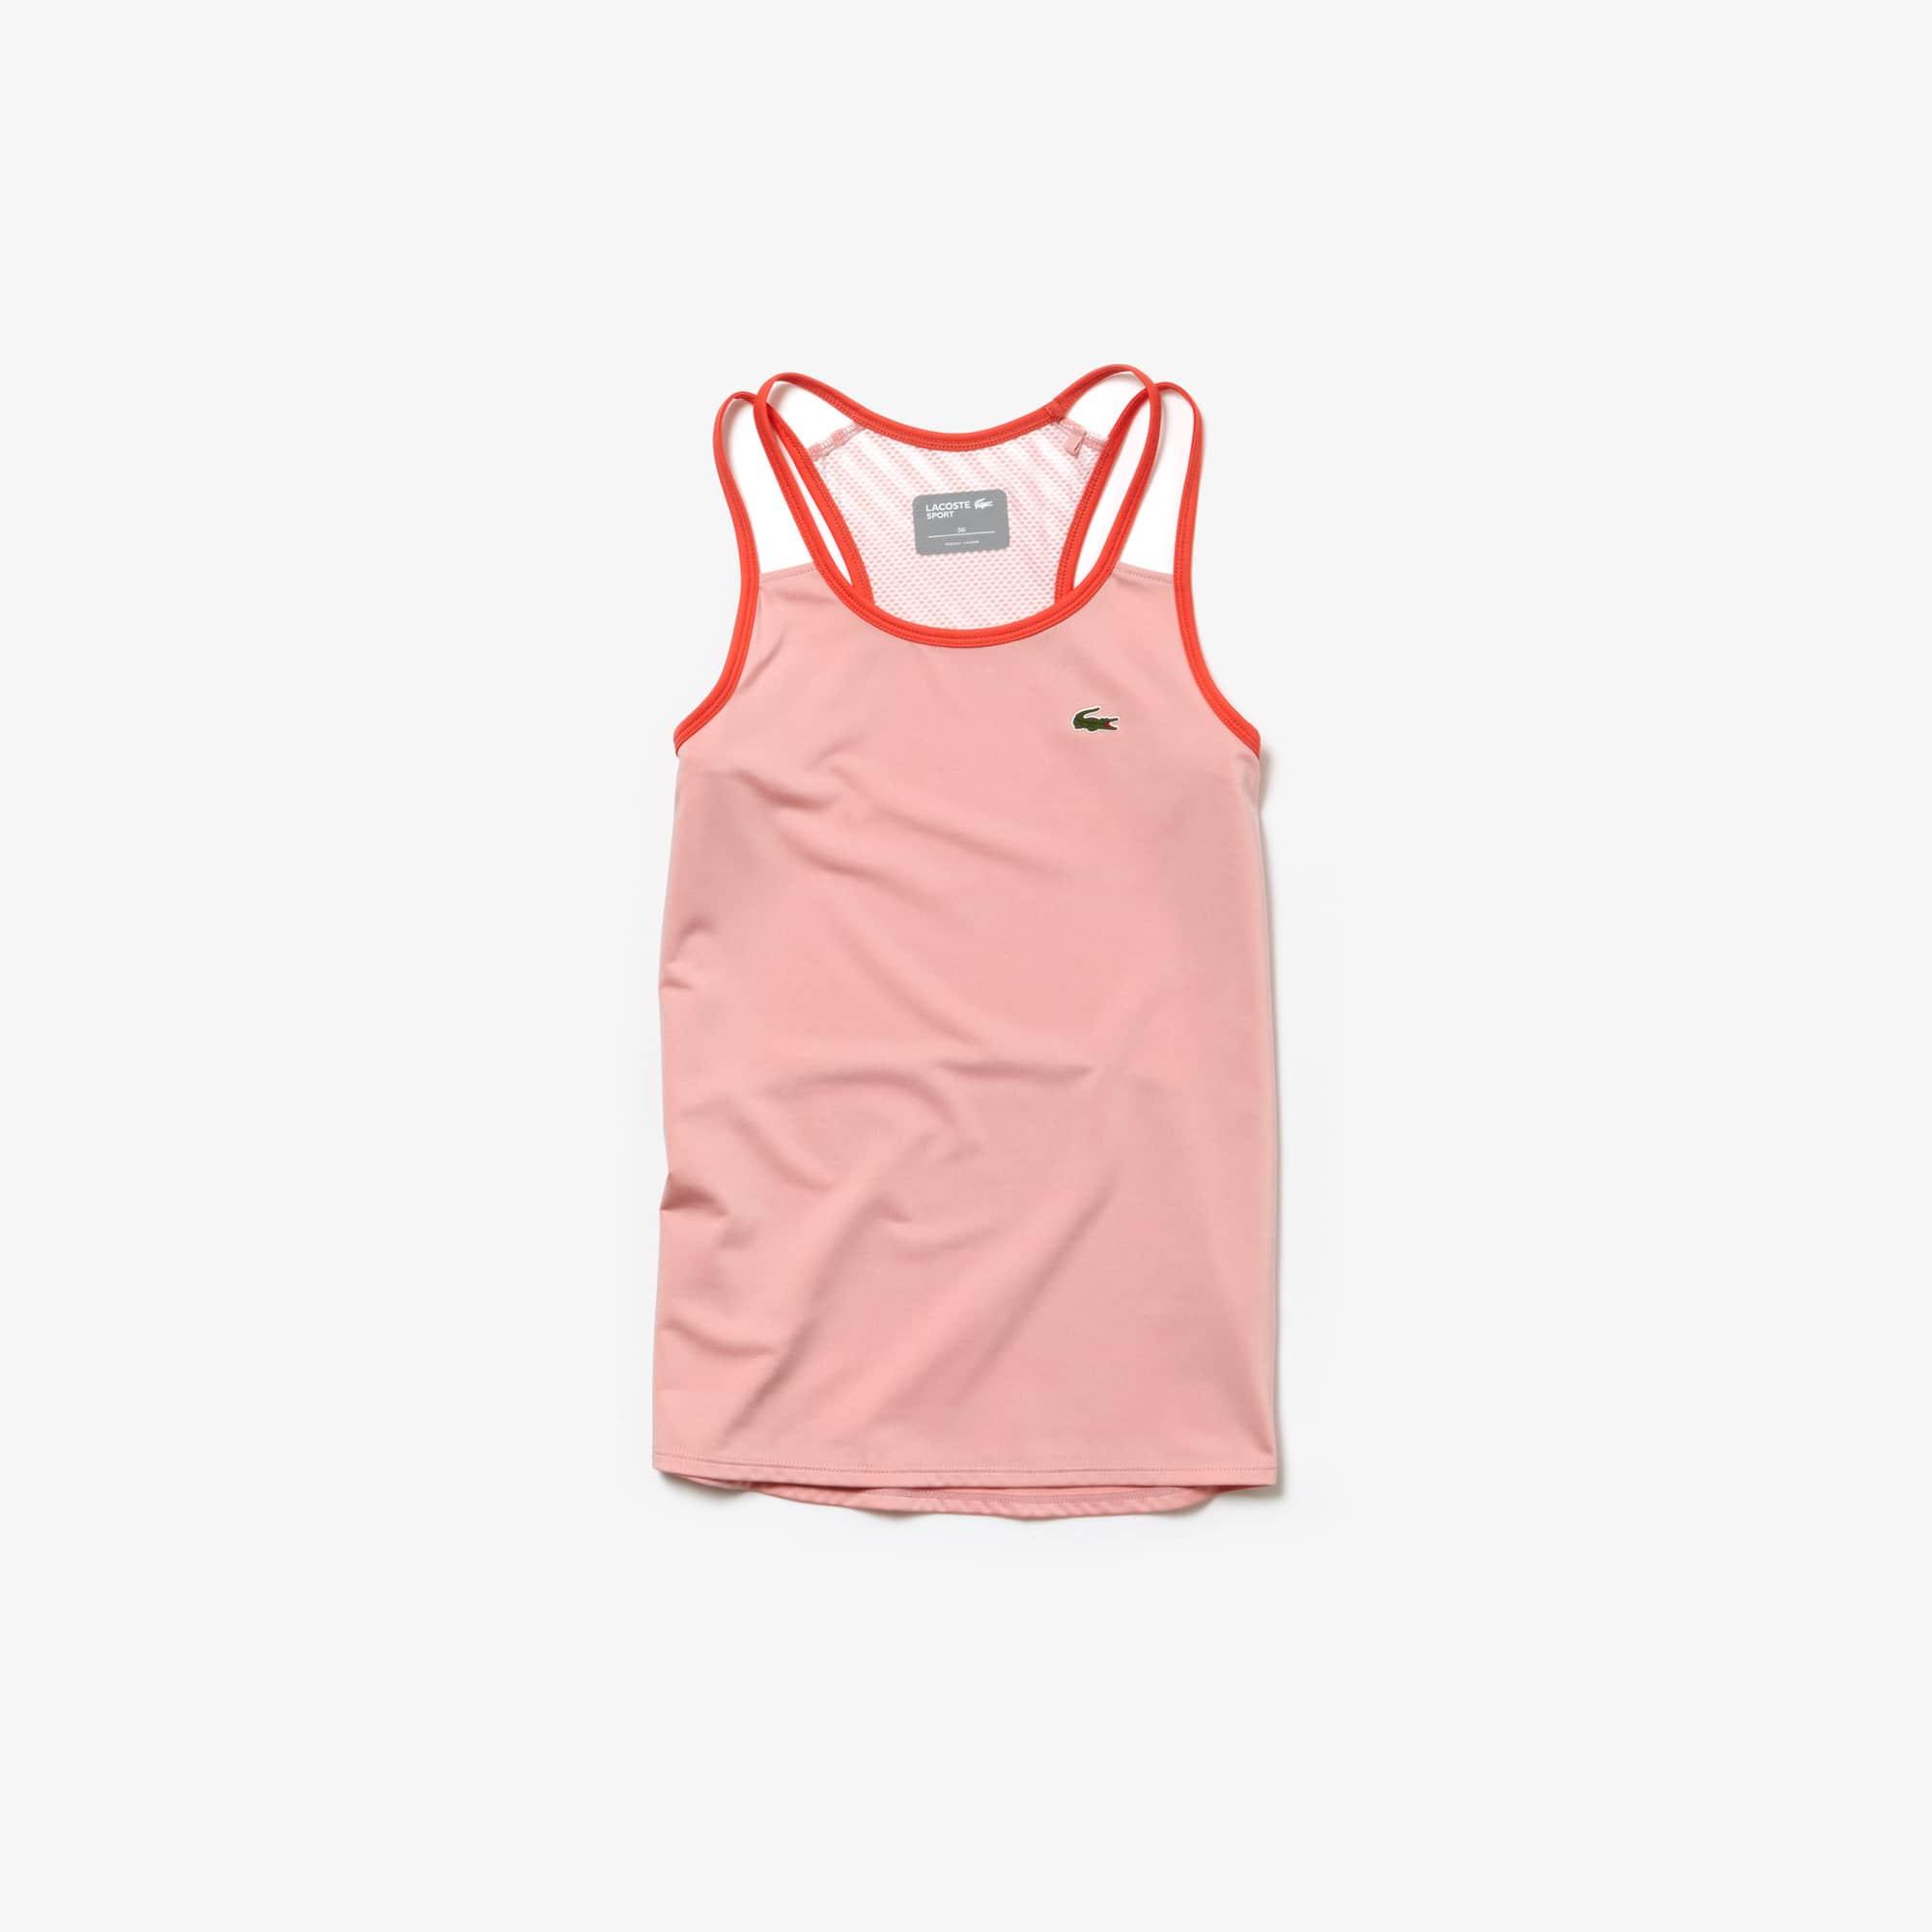 라코스테 레이서백 나시 티셔츠 Lacoste Womens SPORT Tech Jersey Racerback Tennis Tank Top,pink / red / white